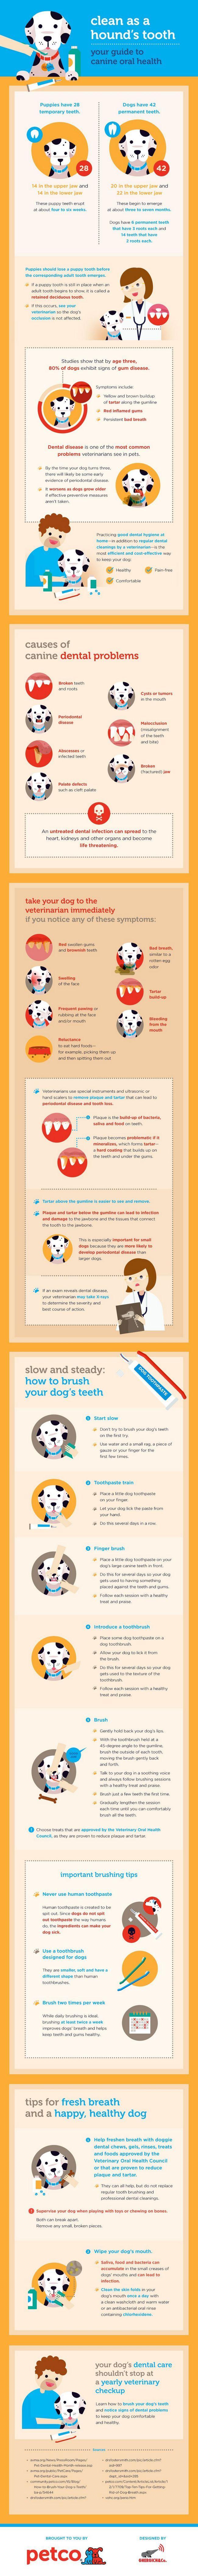 Nouvelle infographie sur la santé bucco-dentaire canine de petco!